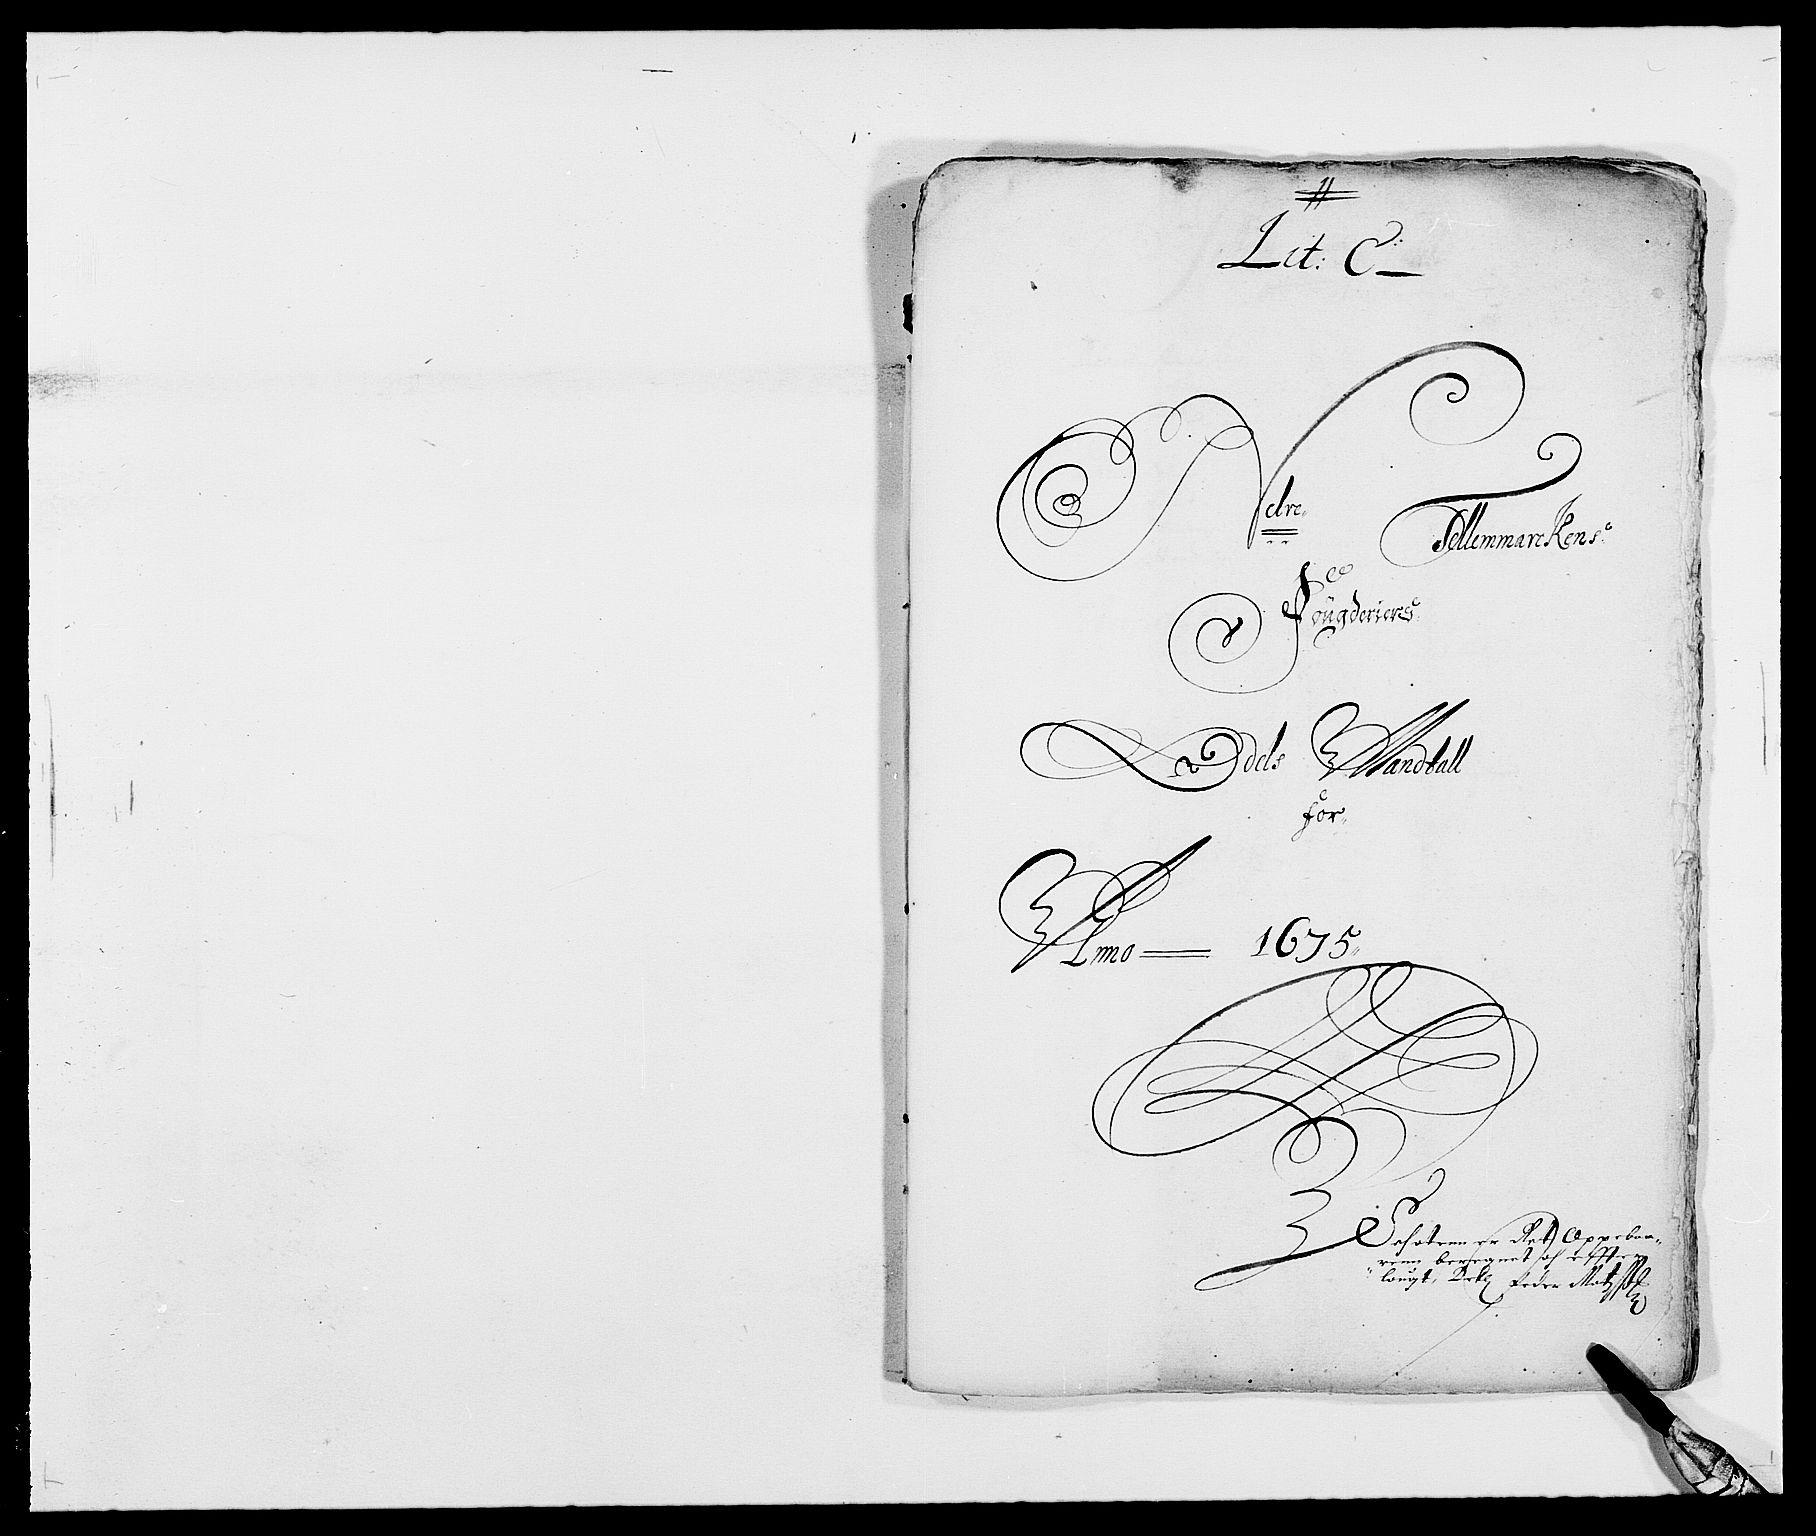 RA, Rentekammeret inntil 1814, Reviderte regnskaper, Fogderegnskap, R35/L2063: Fogderegnskap Øvre og Nedre Telemark, 1675, s. 72